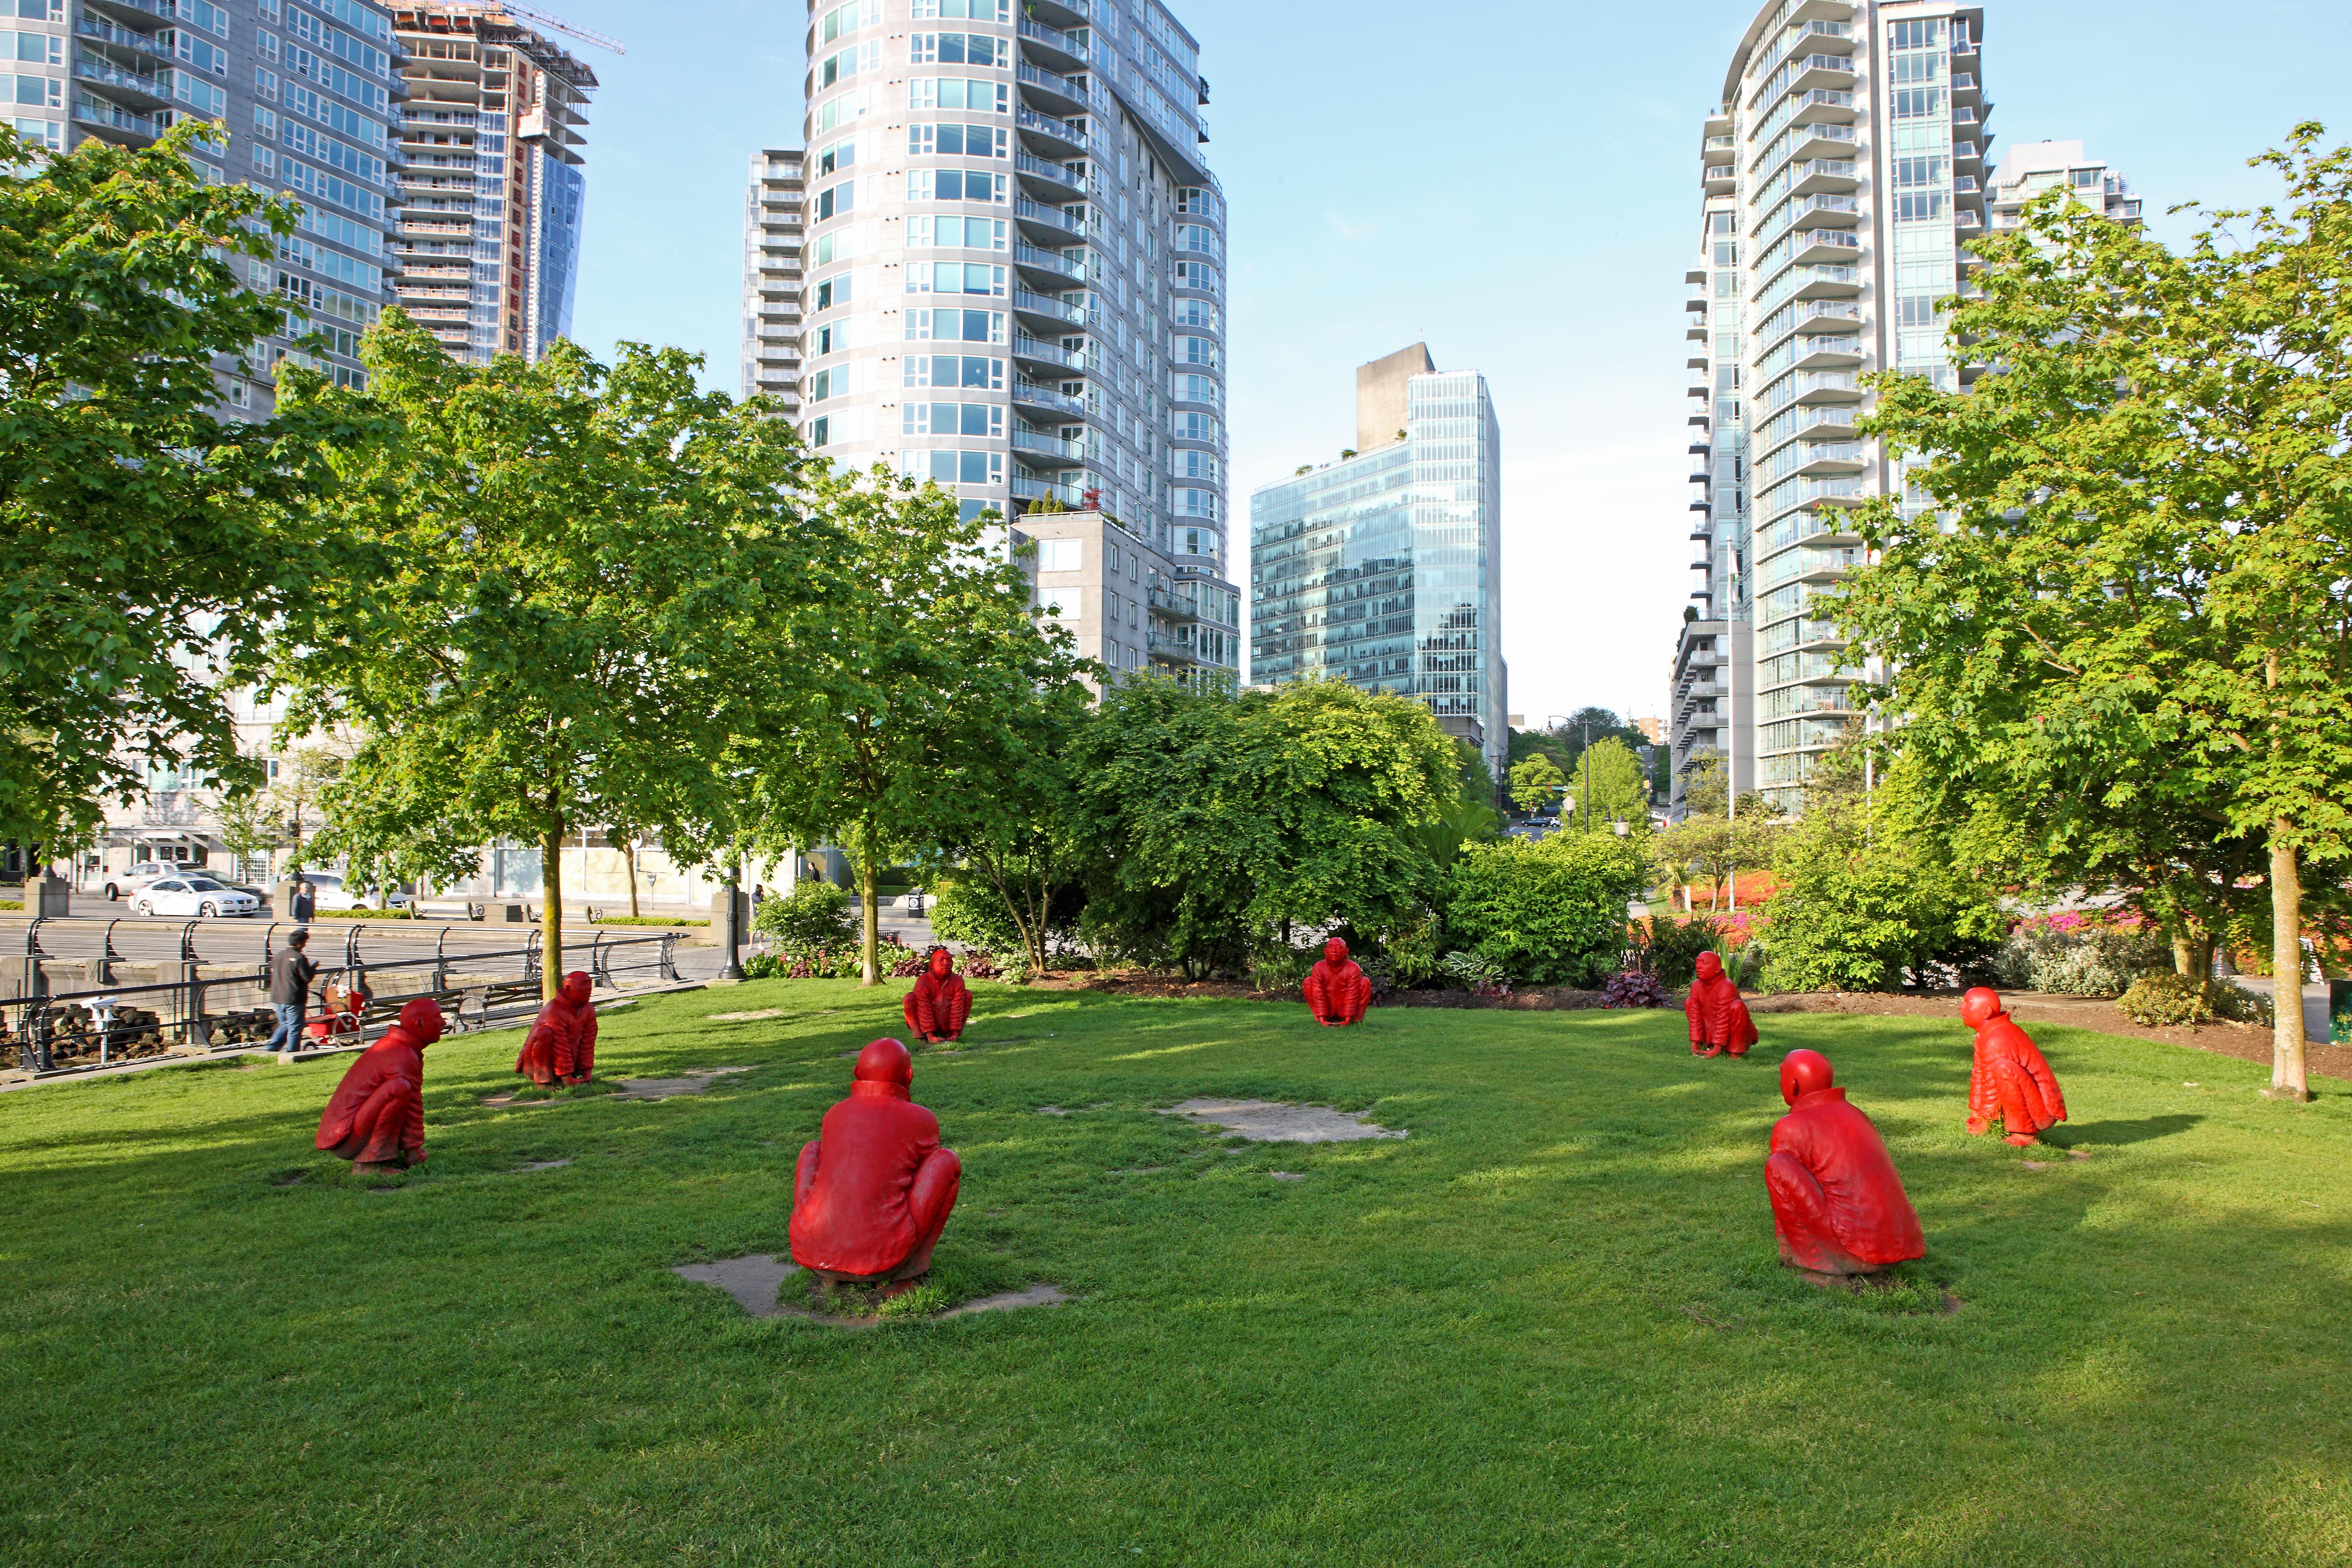 Wang Shugang (né en 1960), L'assemblée, 2007, 8 figures en bronze peint, 92 x 75 cm (chacune). Collection de l'artiste, prêt de la Biennale de Vancouver, en collaboration avec la Collection d'arts visuels de l'Université McGill. Photo Dan Fairchild